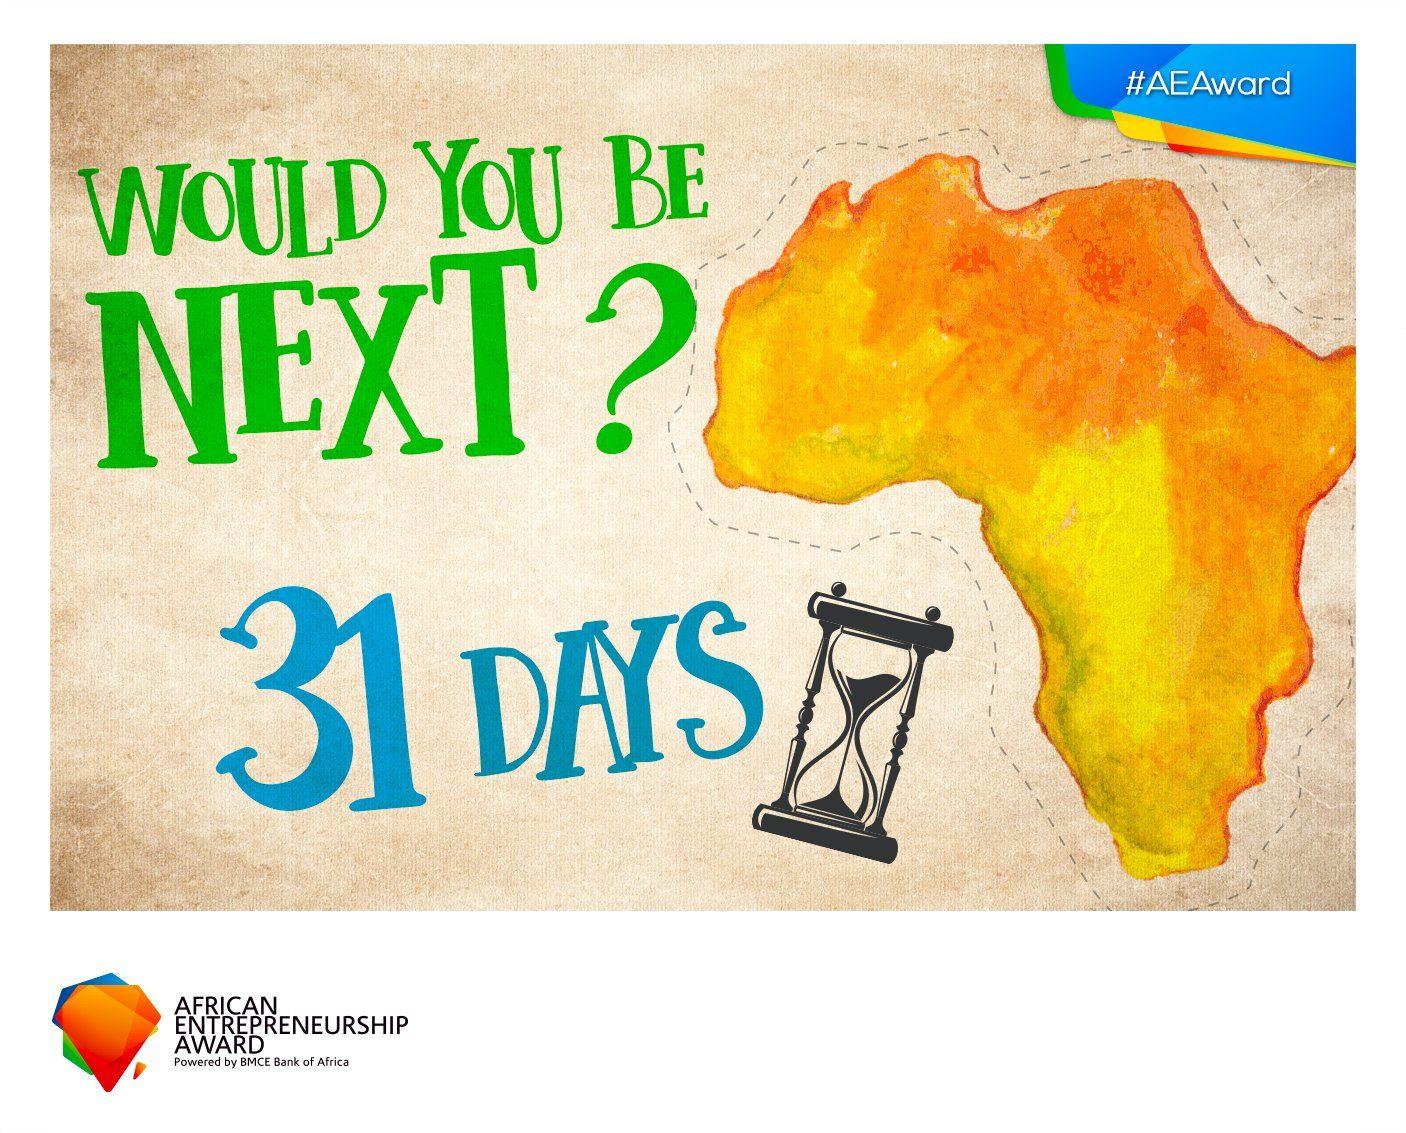 Lancement de la 2ème édition de l'African Entrepreneurship Award